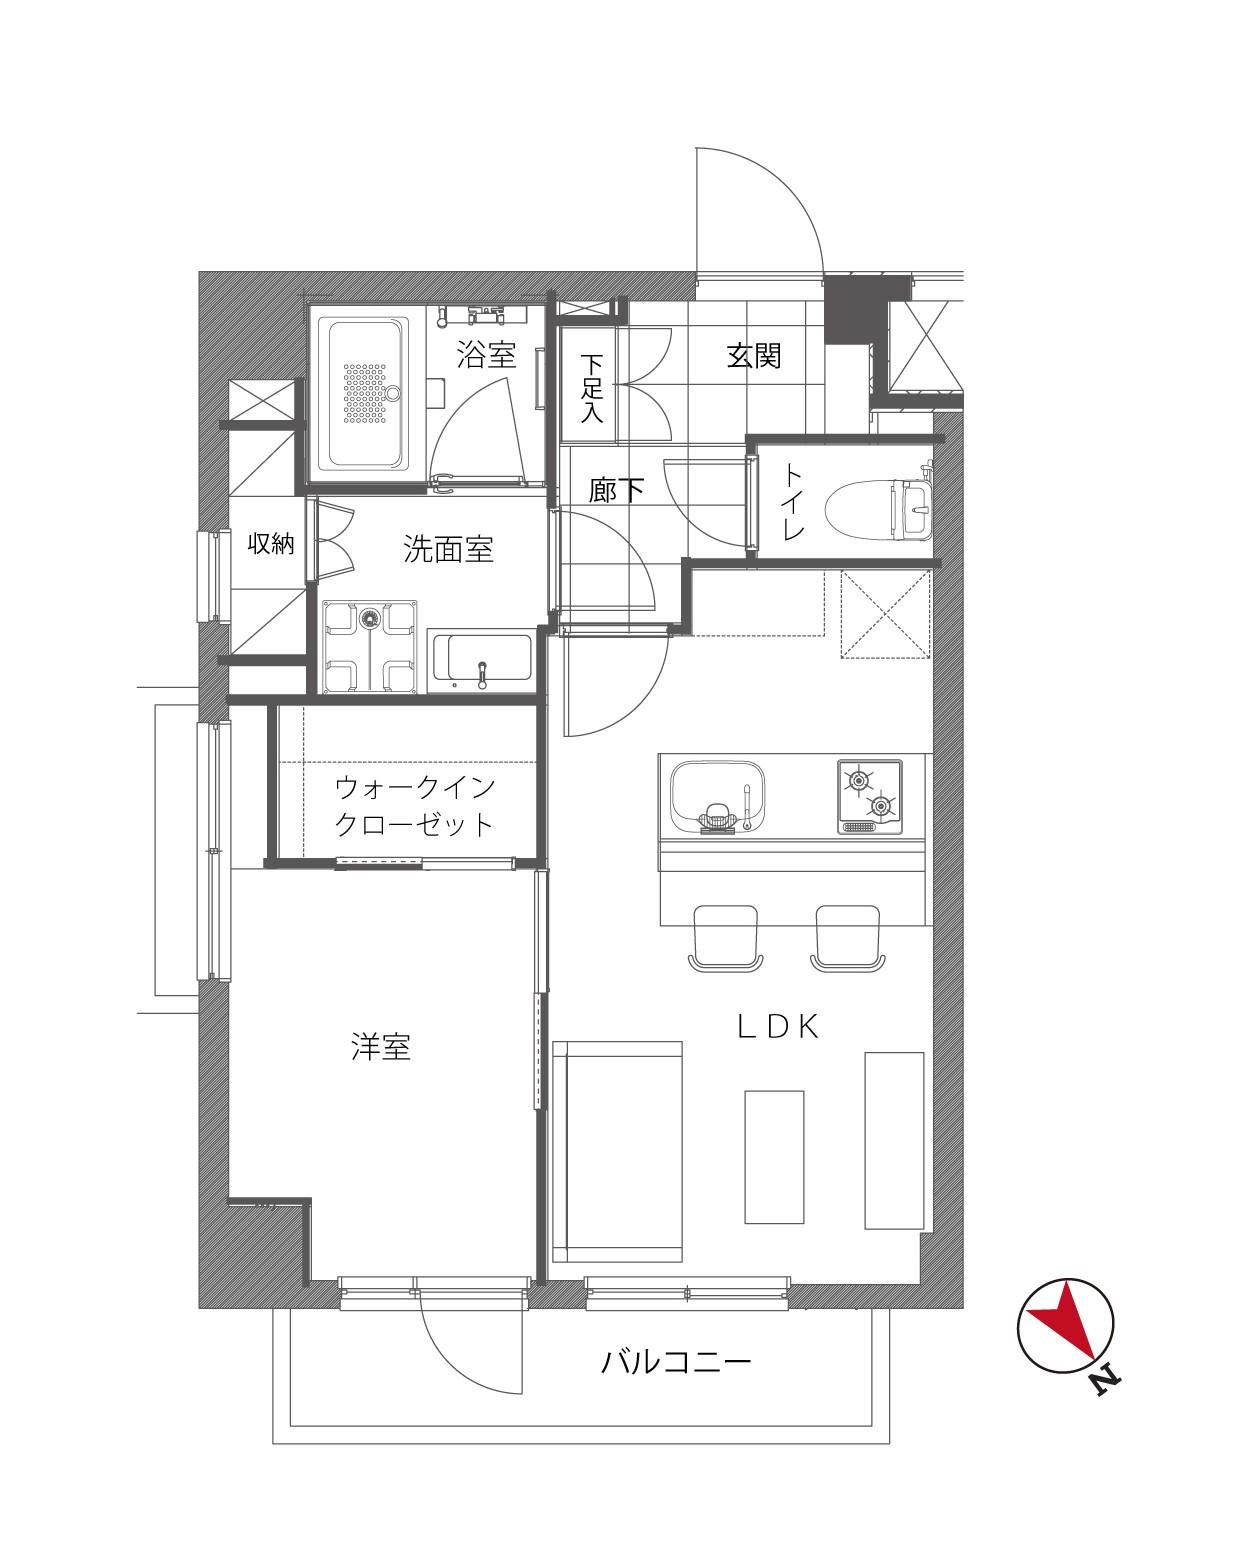 江戸川橋 駅から徒歩3分、3駅3路線が使える家 間取り図